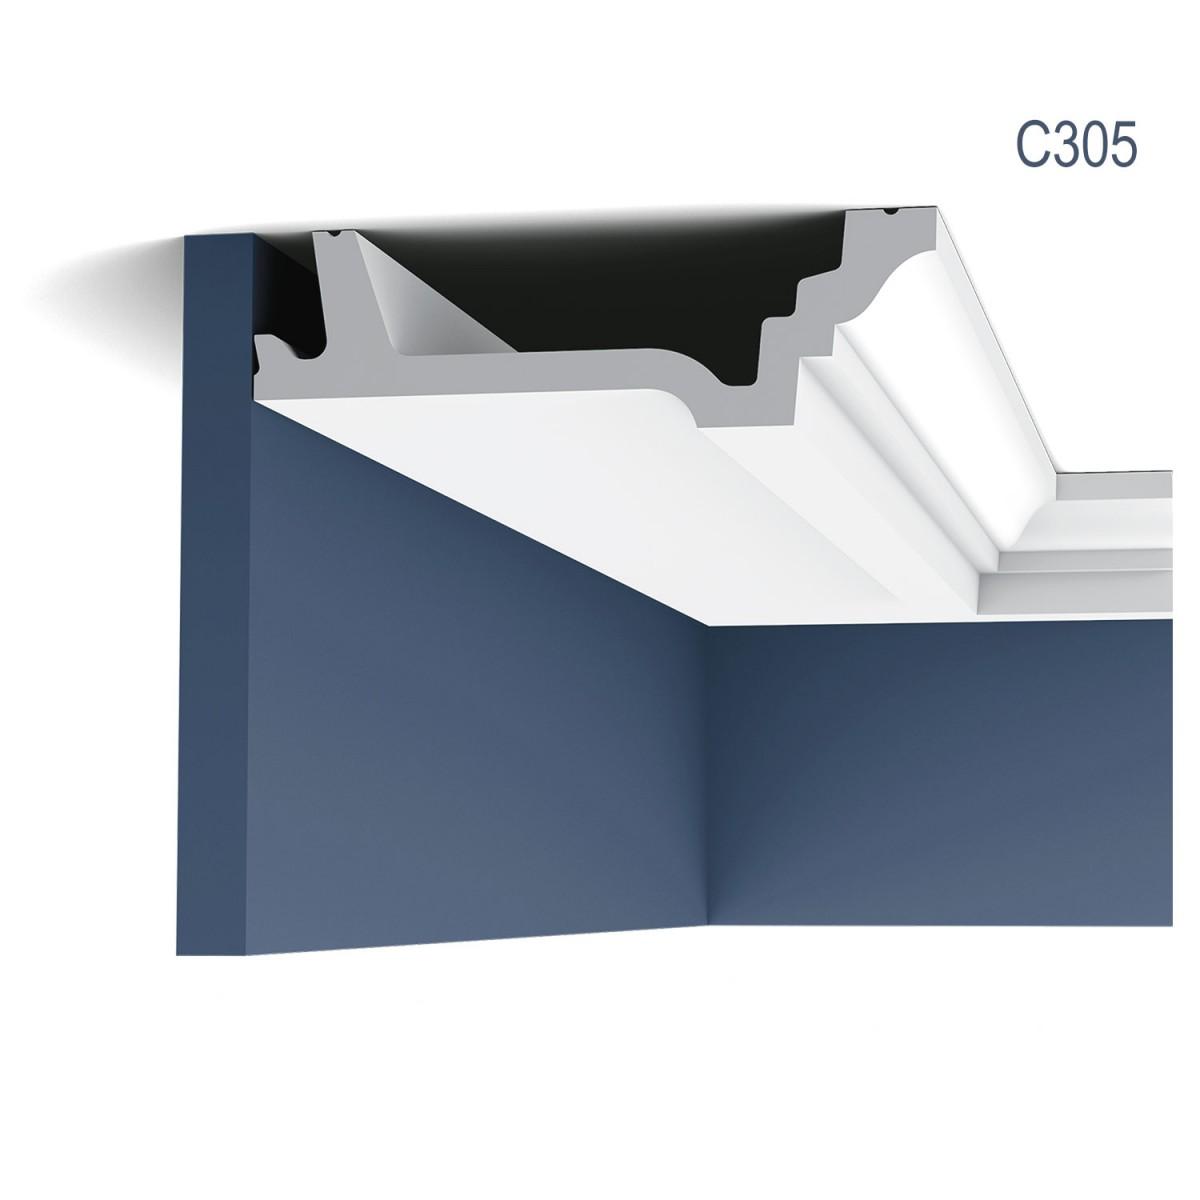 Cornisa Luxxus C305, Dimensiuni: 200 X 4.7 X 15.5 cm, Orac Decor